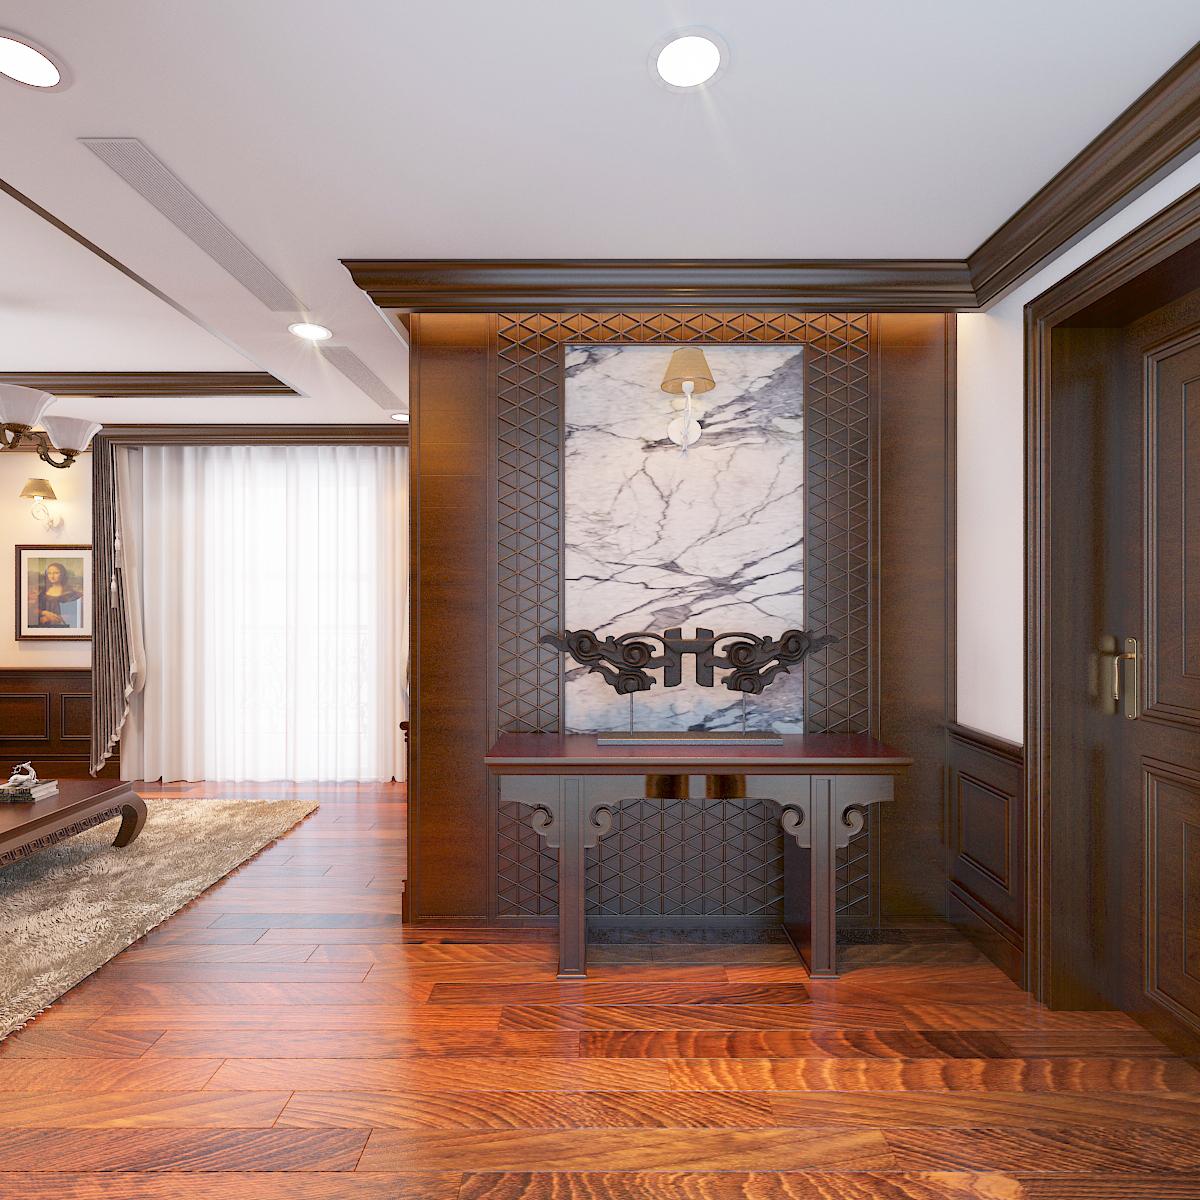 thiết kế nội thất Biệt Thự tại Hà Nội bt Vinhomes - riverside 46 1568276280